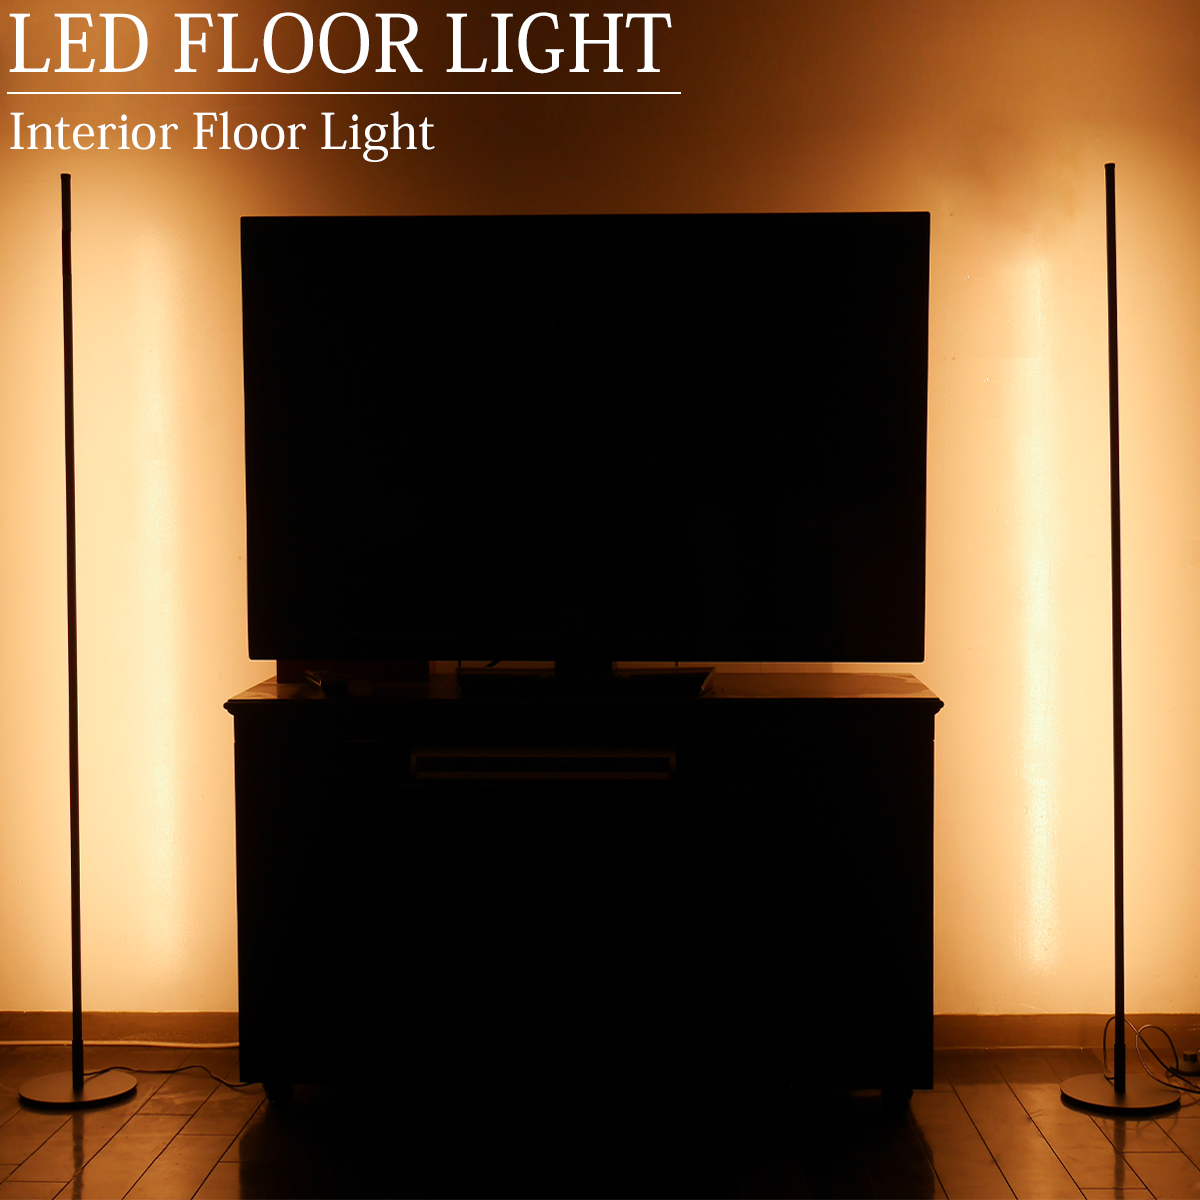 LED フロアライト フロアランプ 間接照明 スタンドライト インテリア 寝室 リビング 居間 北欧 デザイナー 照明 おしゃれ 単品 FL-02BKD